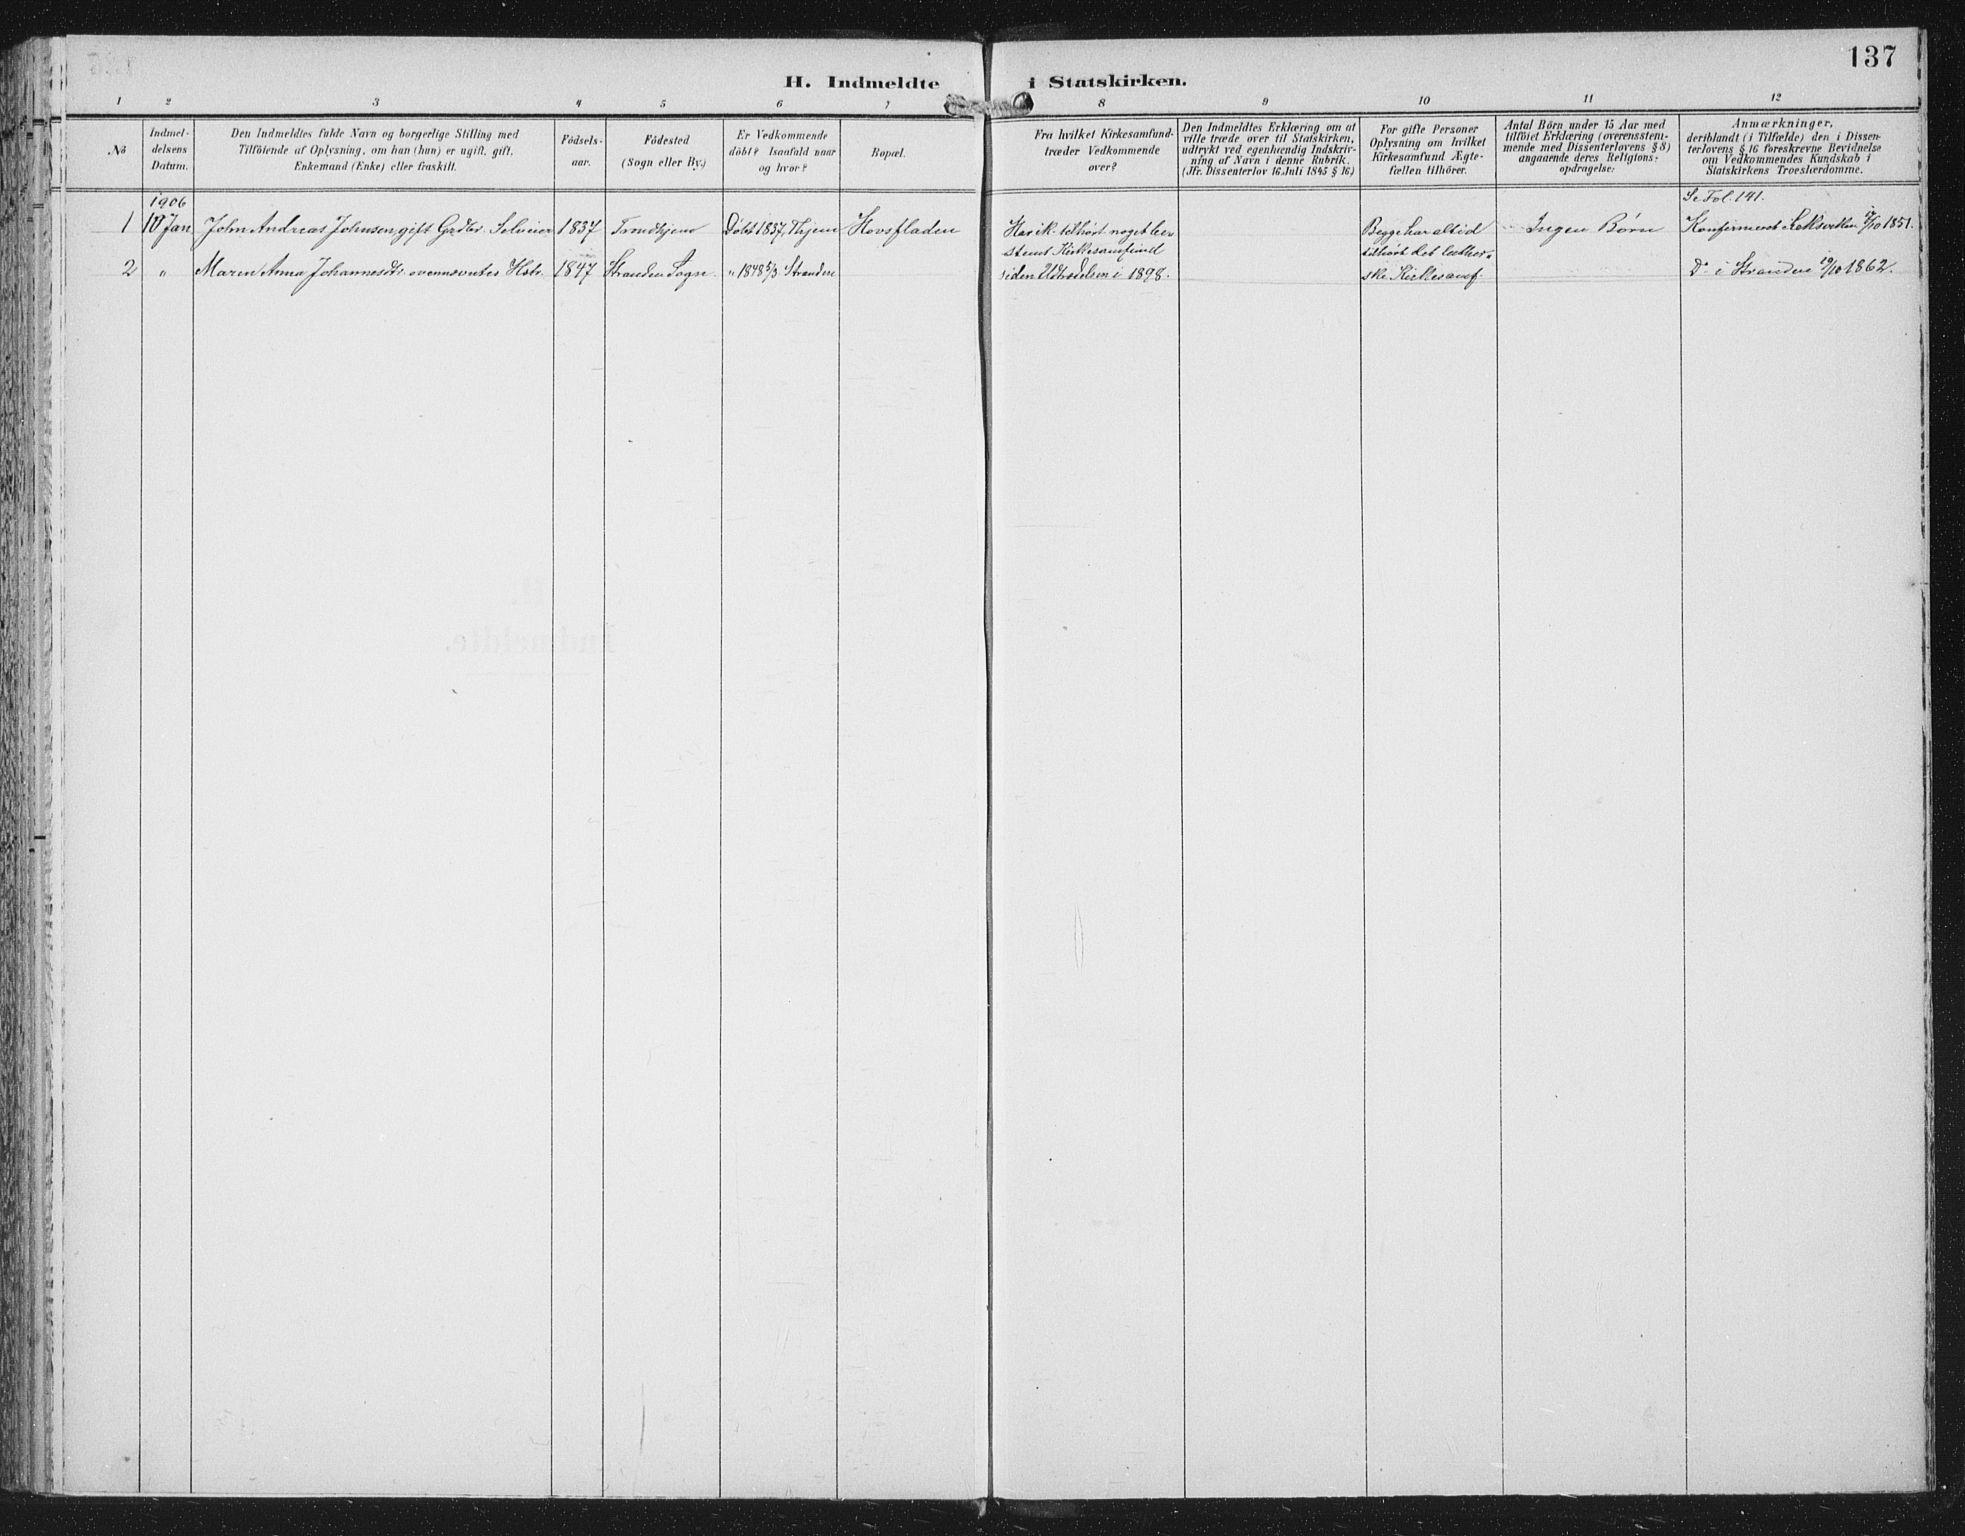 SAT, Ministerialprotokoller, klokkerbøker og fødselsregistre - Nord-Trøndelag, 702/L0024: Ministerialbok nr. 702A02, 1898-1914, s. 137